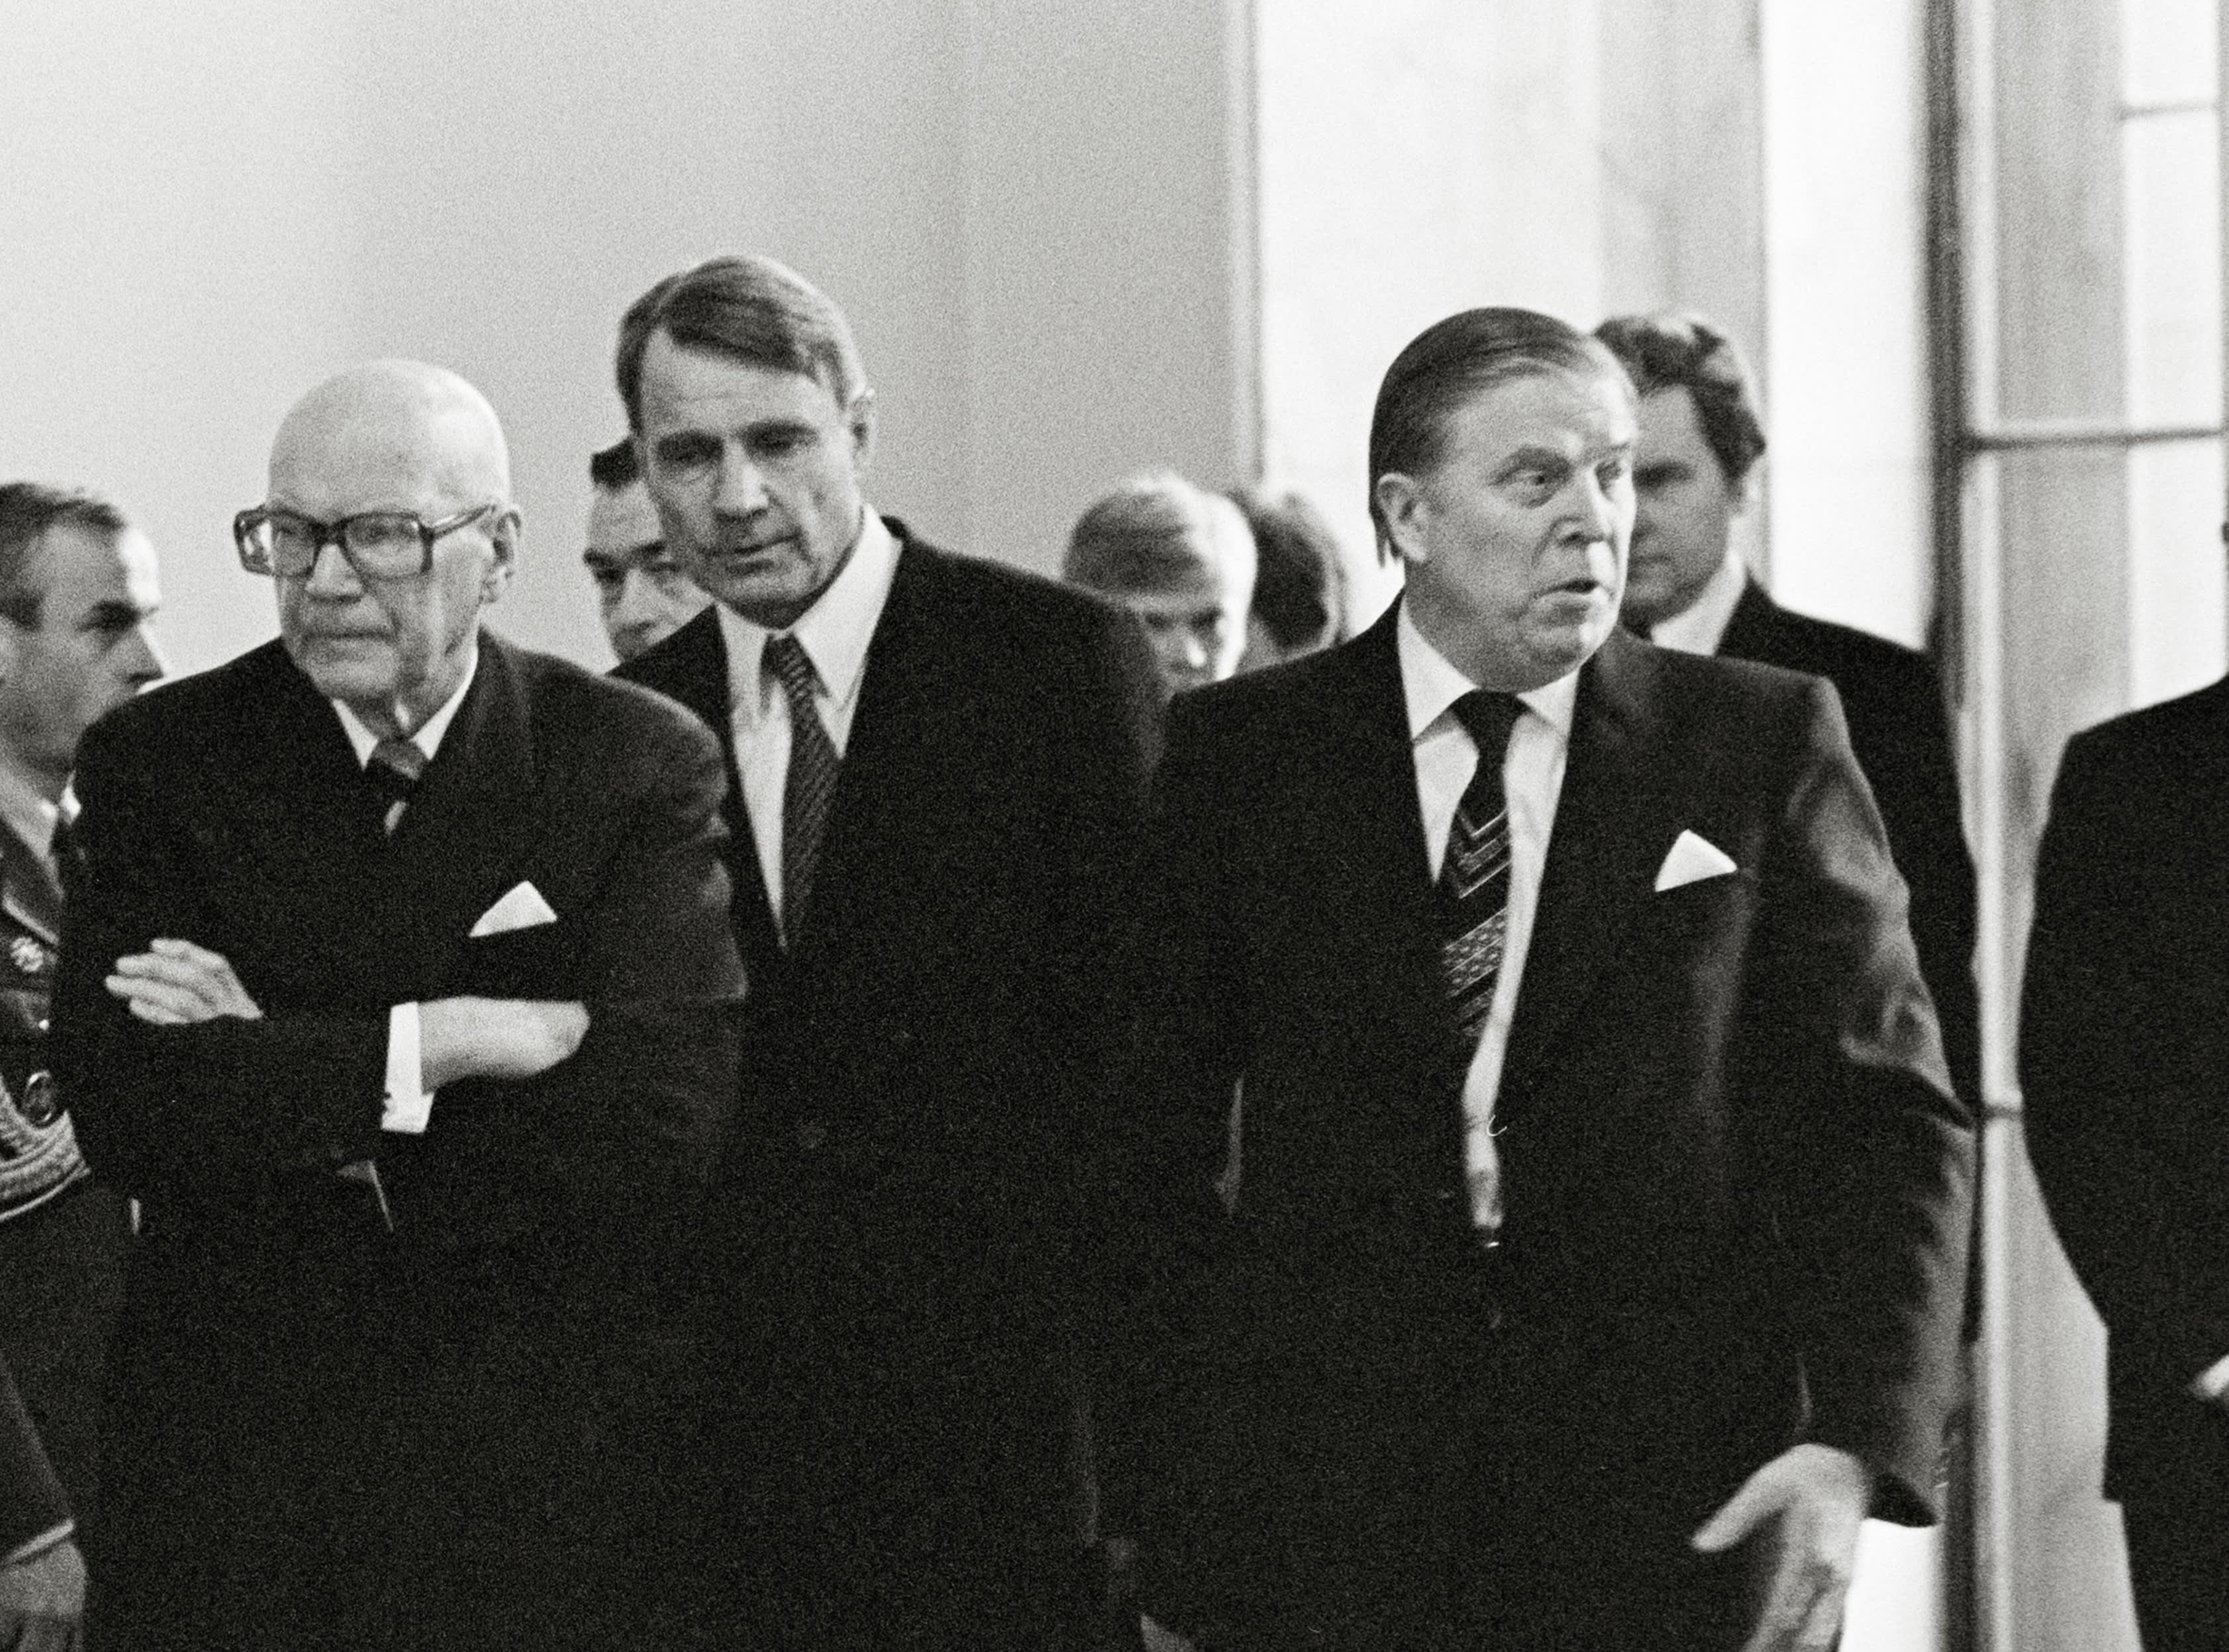 Kekkonen, Koivisto ja Kekkosen seuraajaksi kaavailtu Ahti Karjalainen.